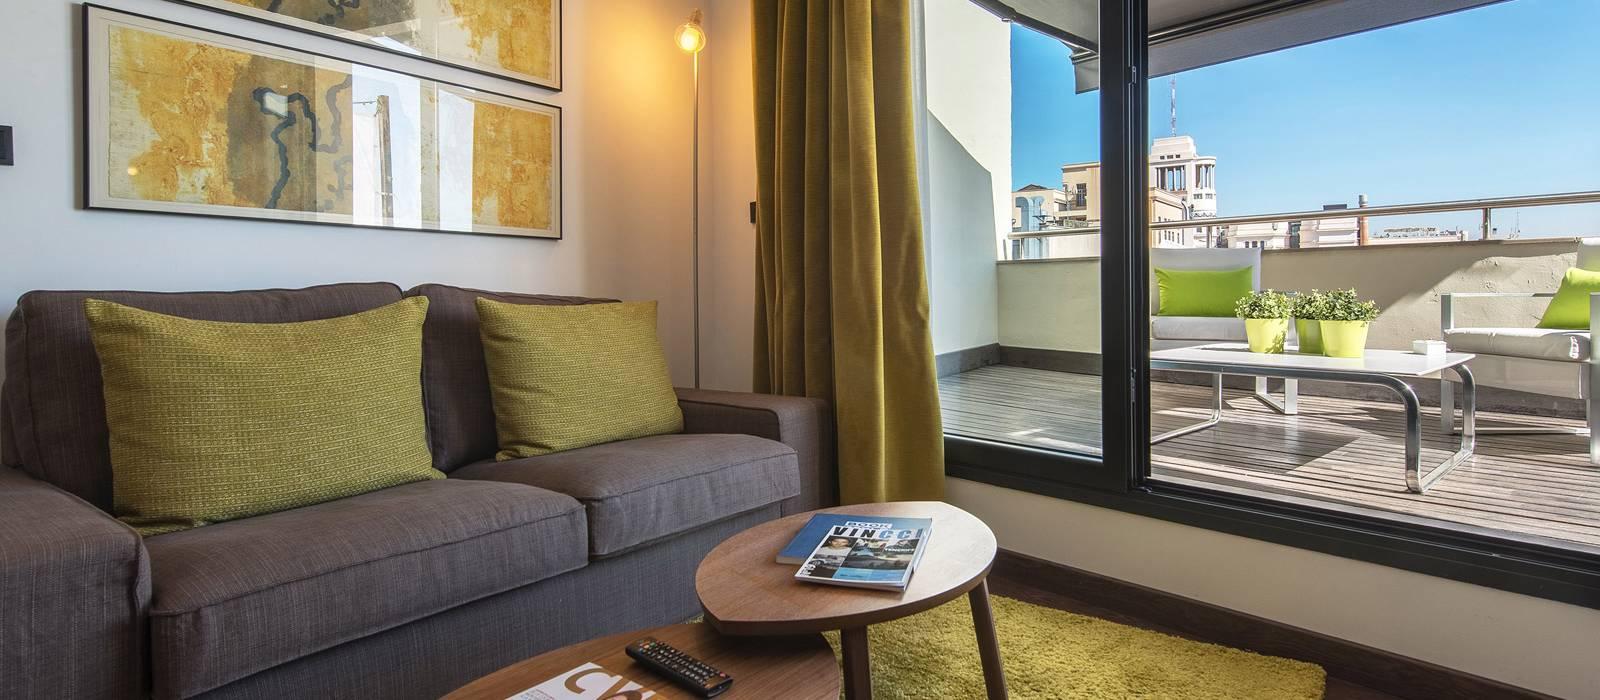 Rooms Hotel Vincci Madrid Centrum - Junior Suite Room